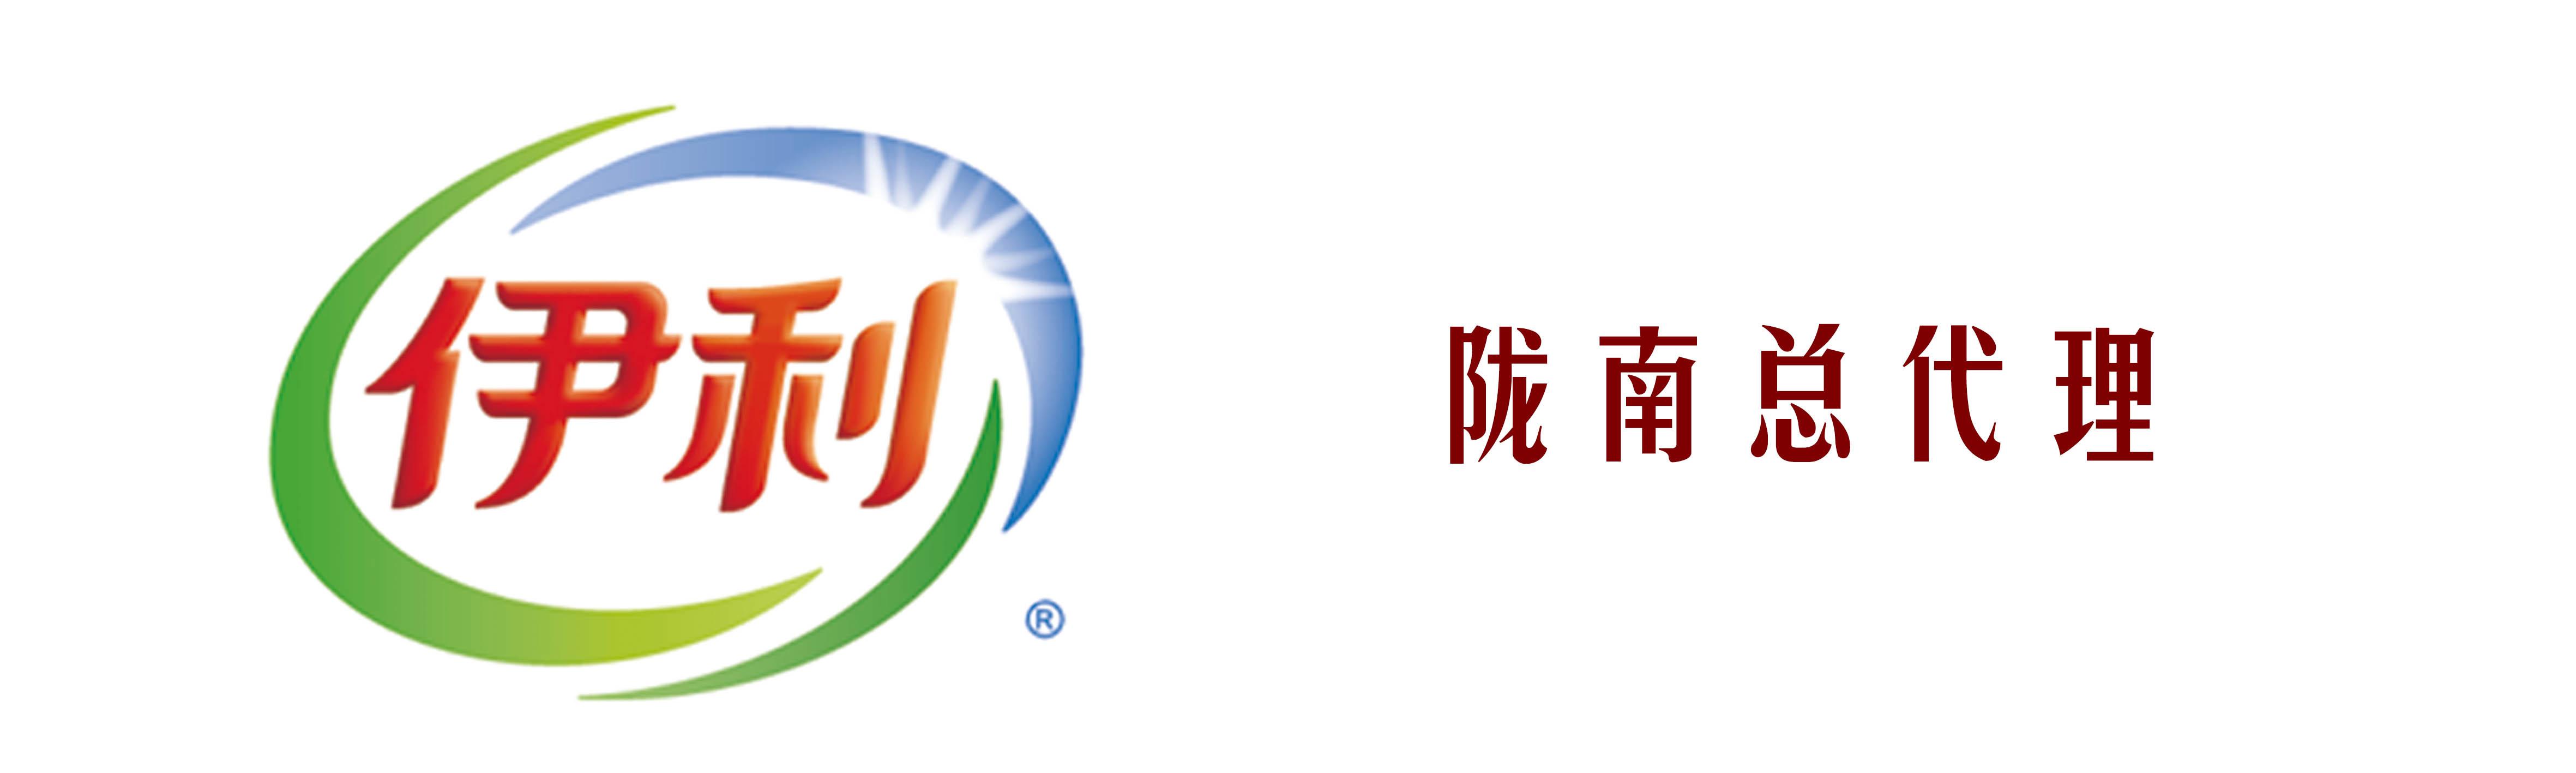 伊利 可爱多 logo